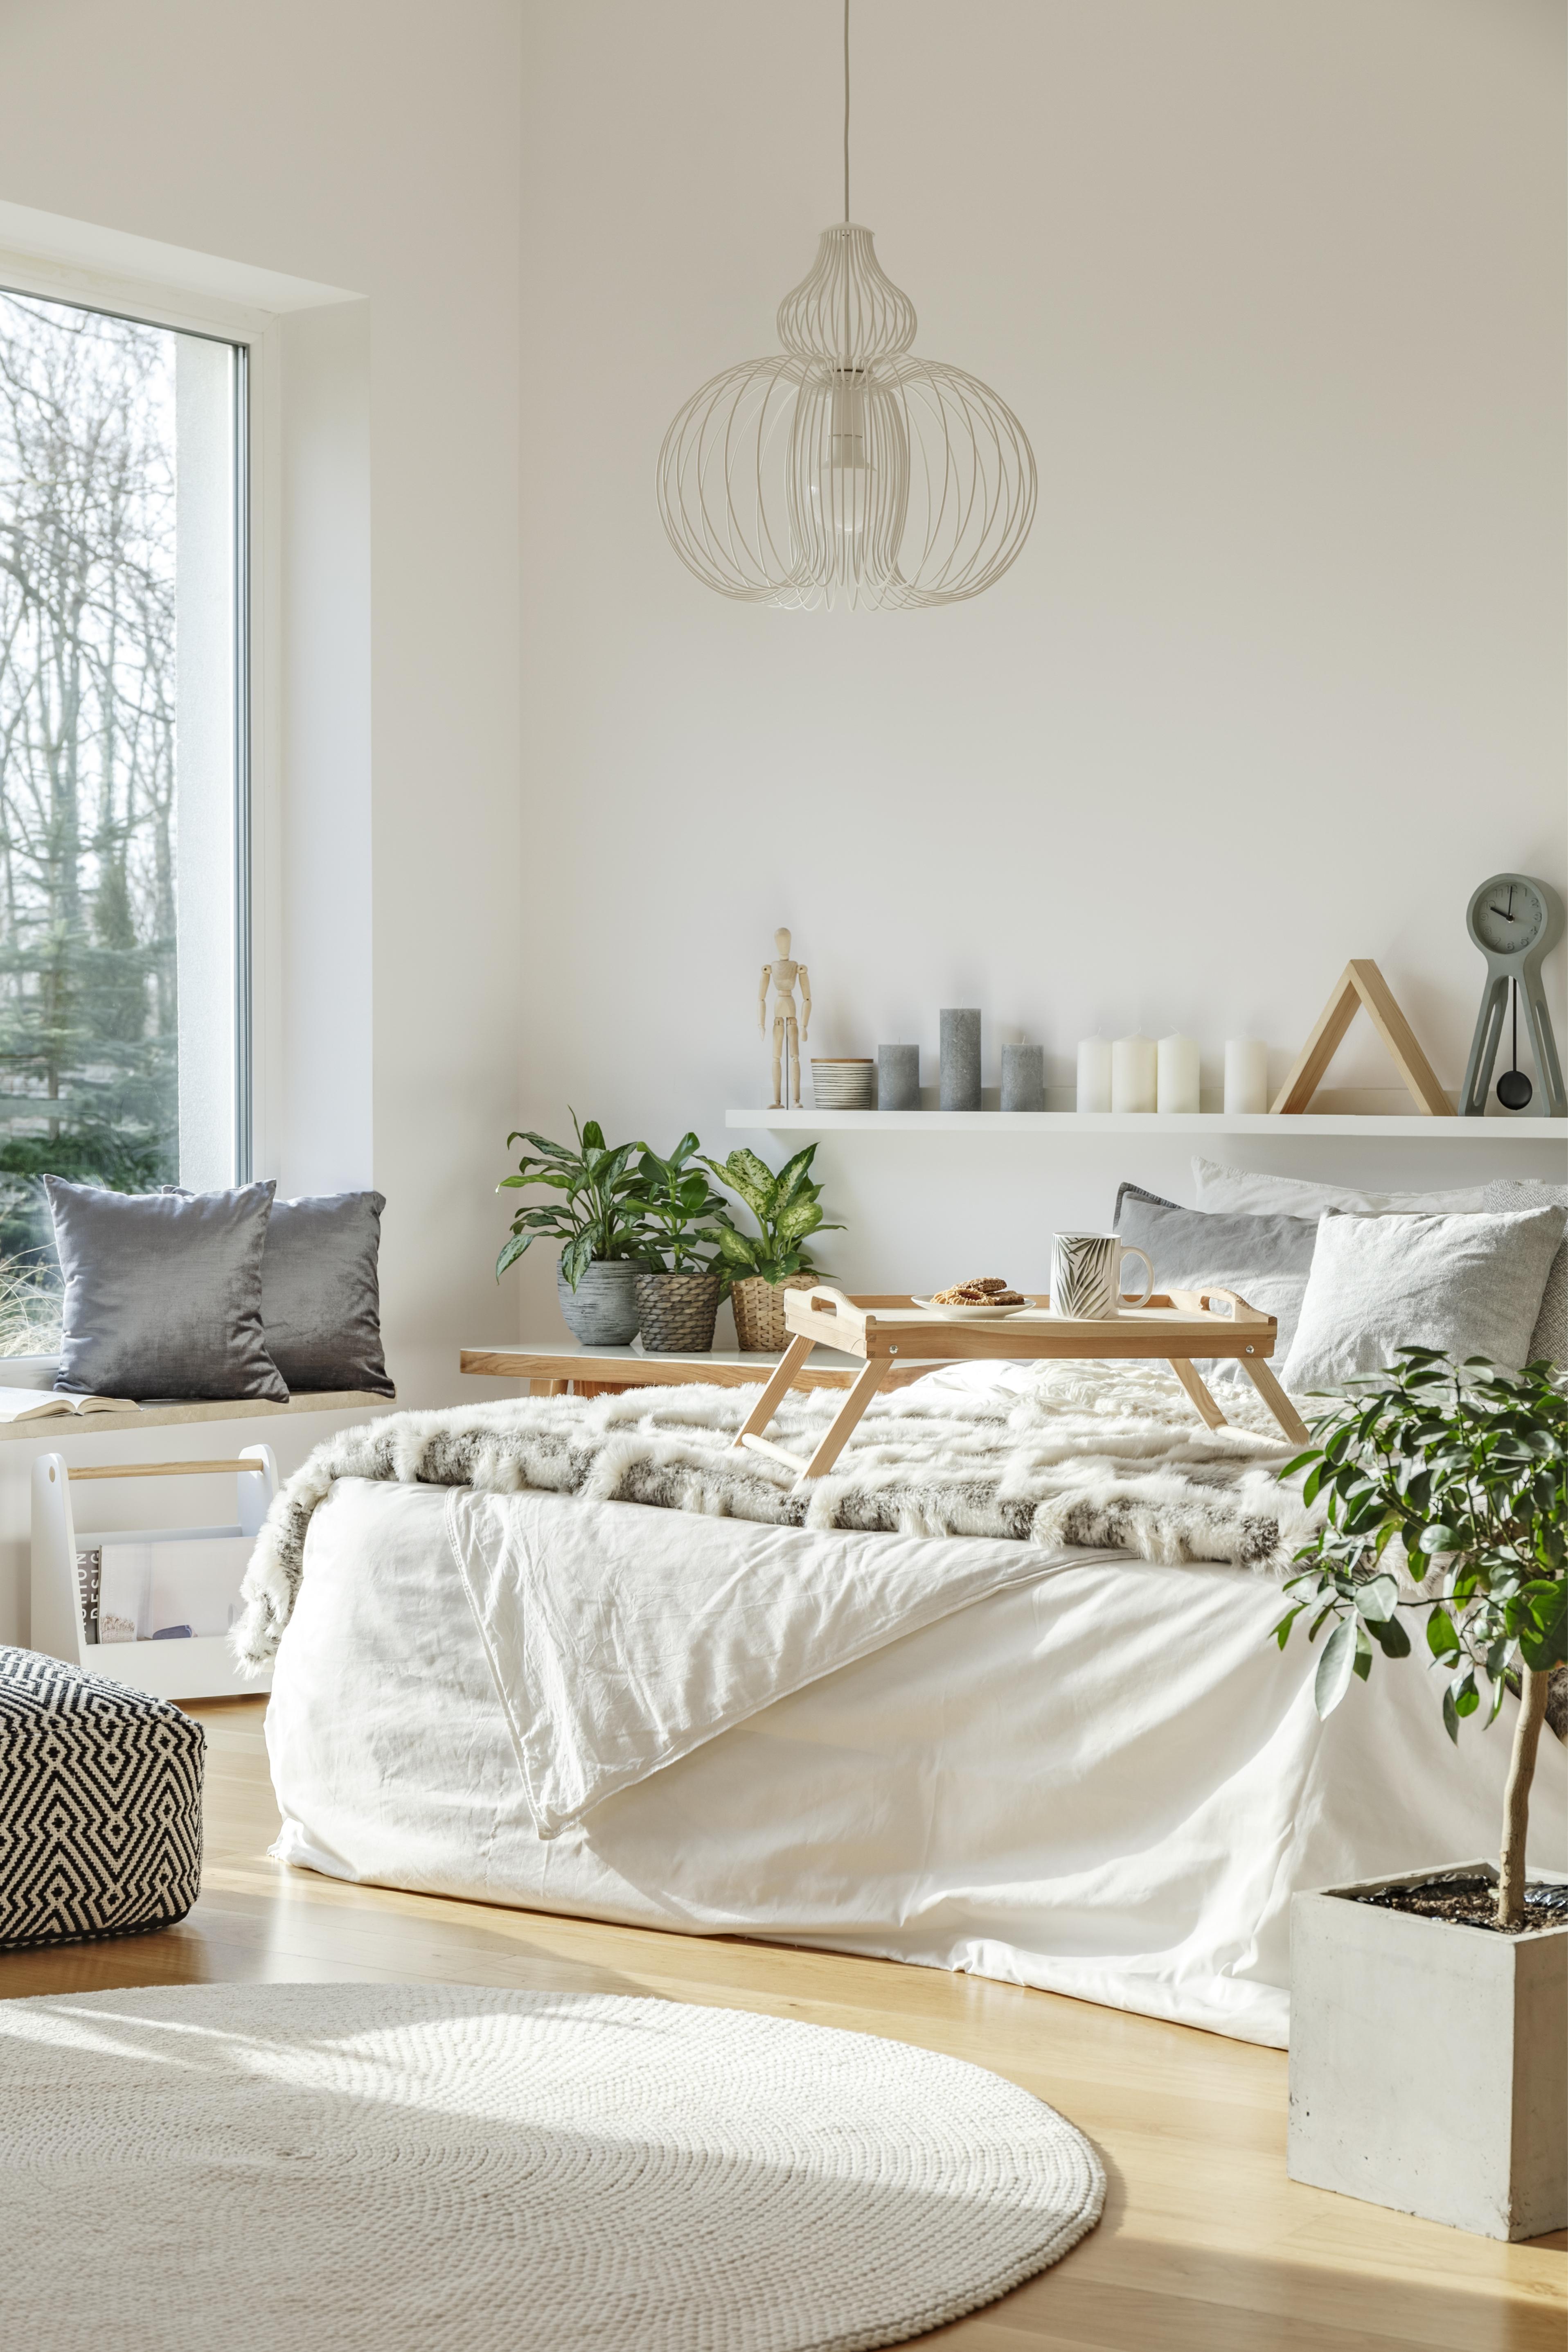 Comment créer une chambre cocooning ? Nos idées deco : Album photo